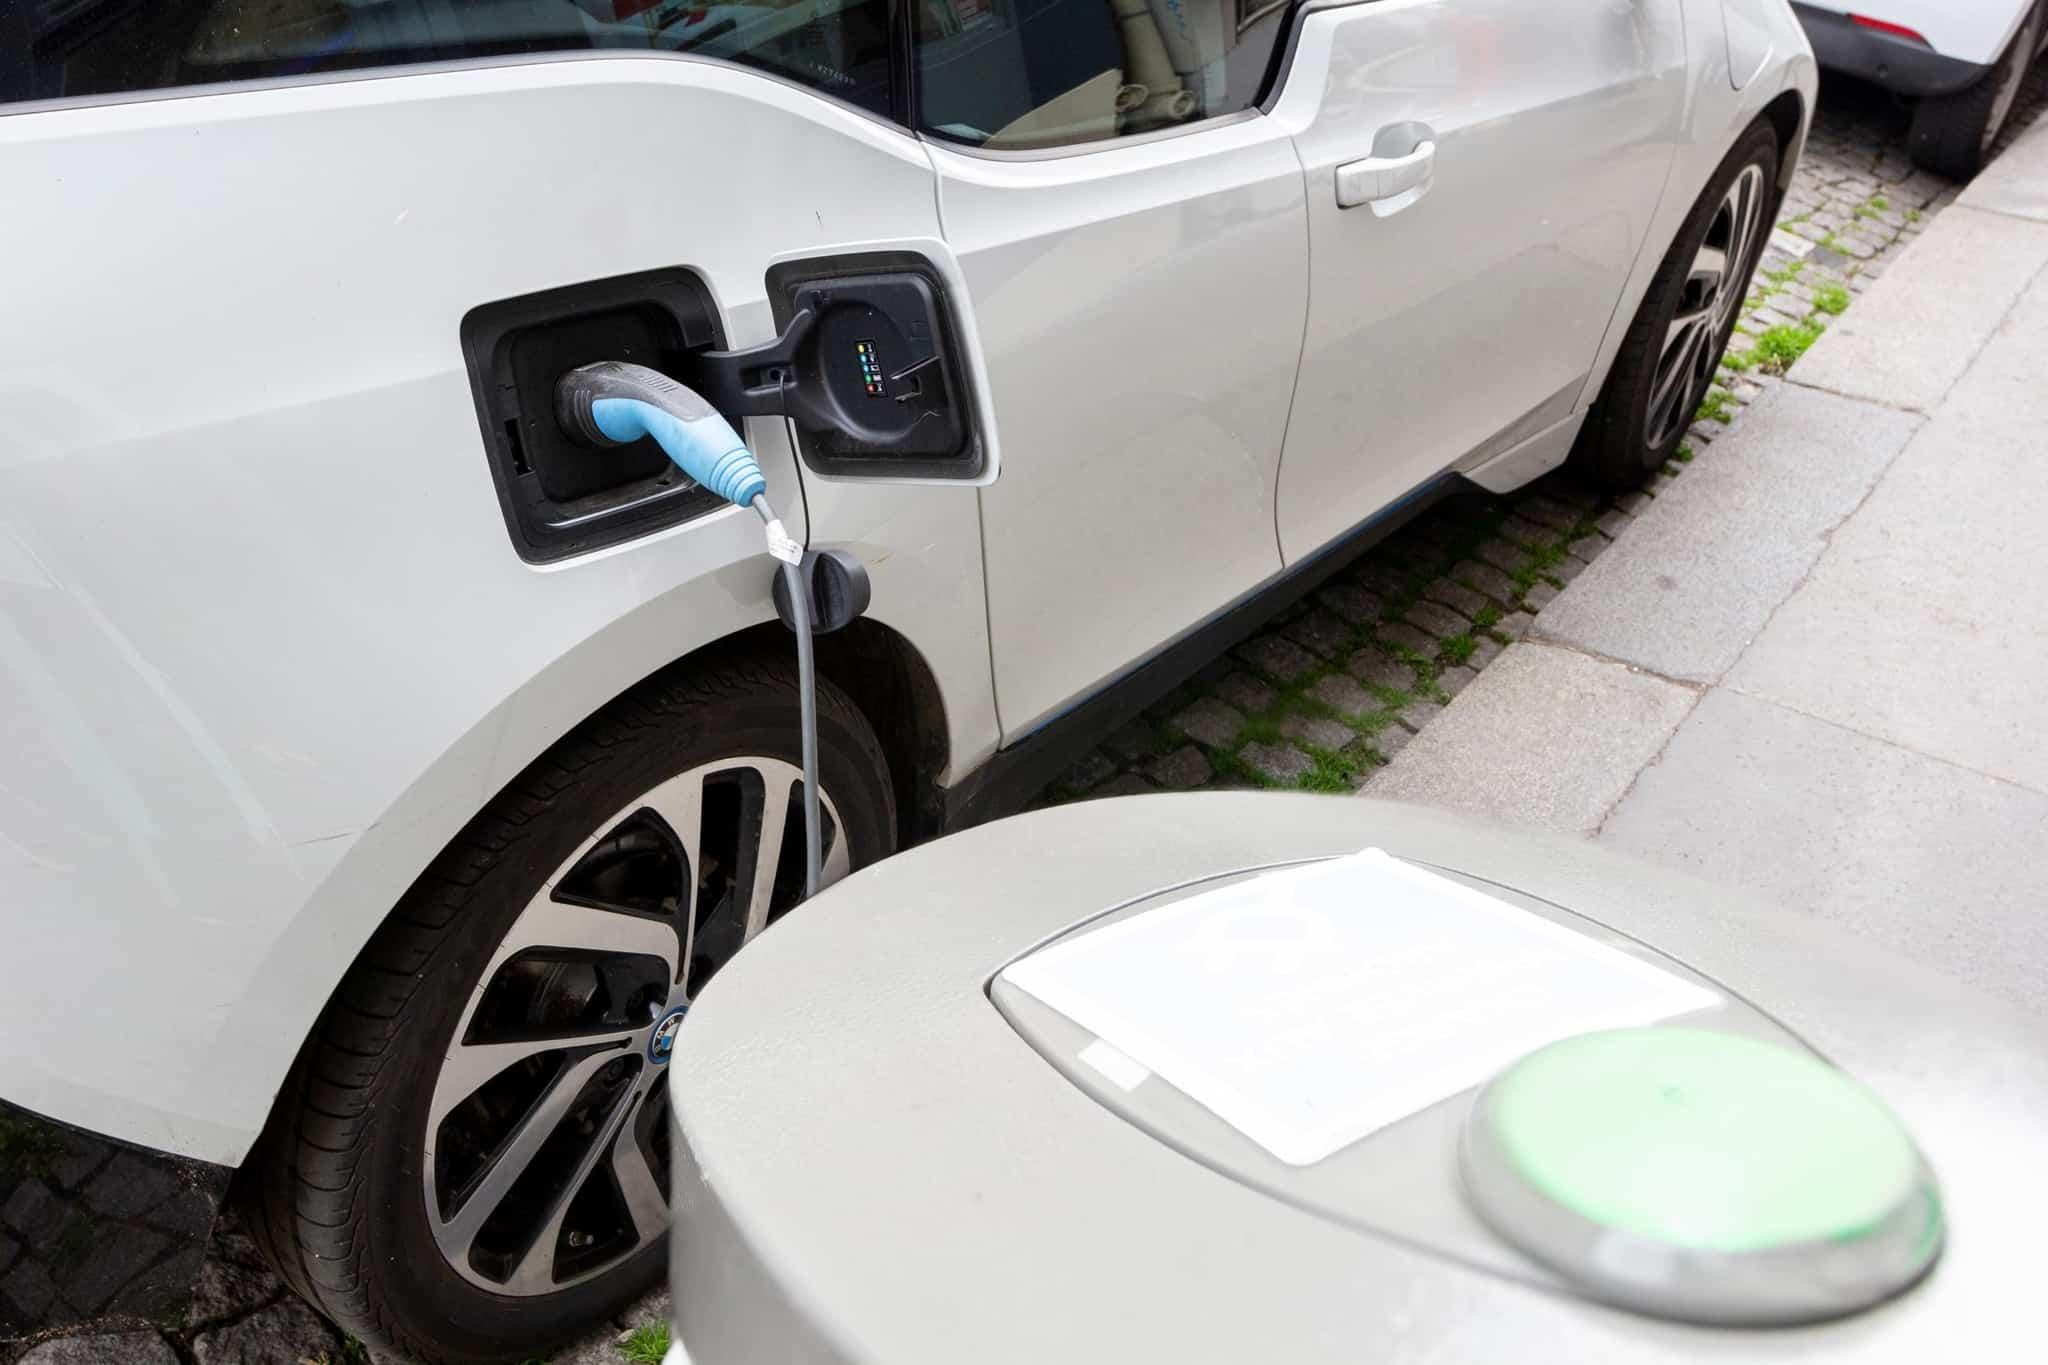 Carro eléctrico a ser carregado